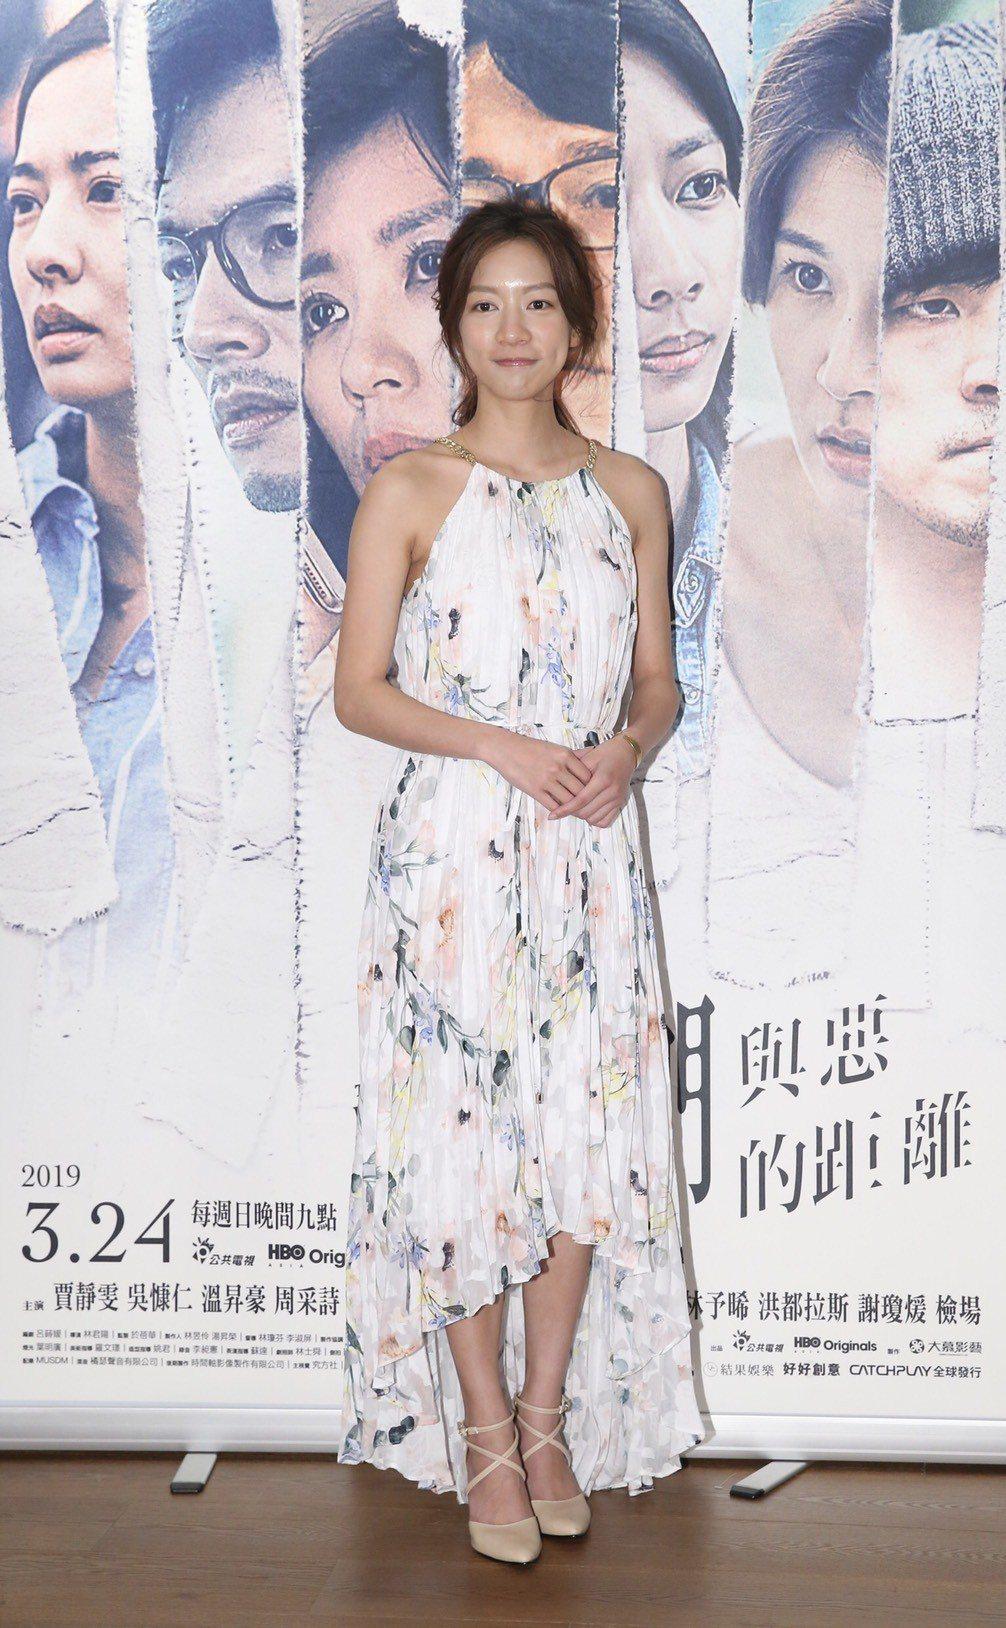 陳妤演出「我們與惡的距離」受矚目。記者許正宏/攝影